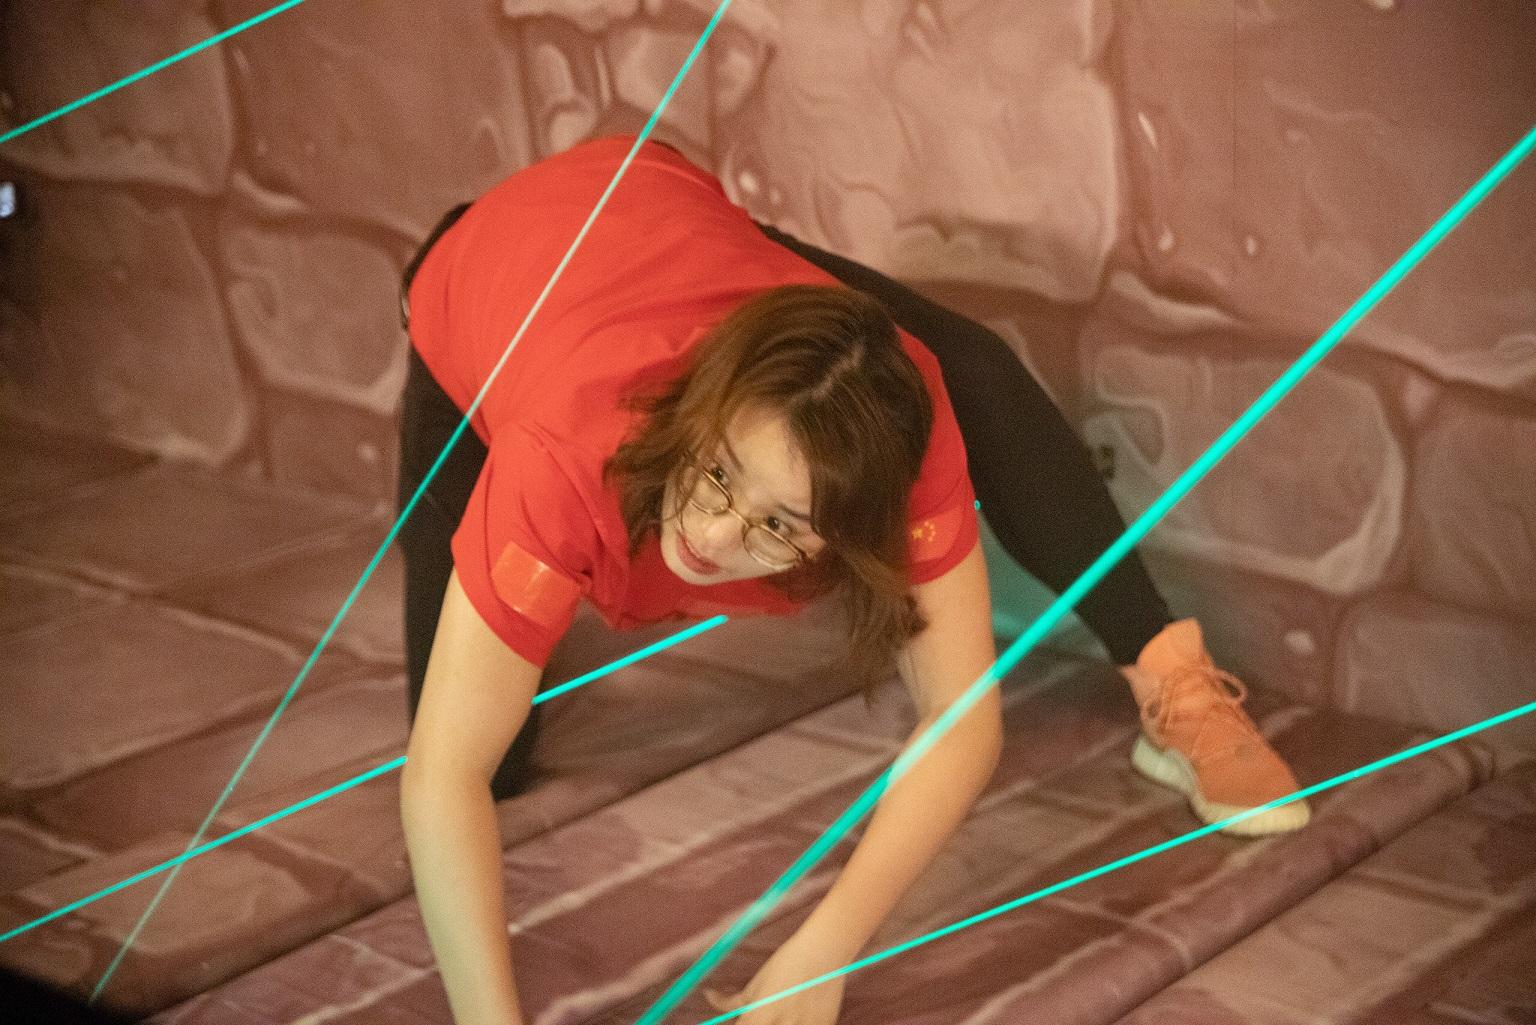 《疯狂的麦咭6》傅园慧密室献唱 林磊儿模仿童文洁